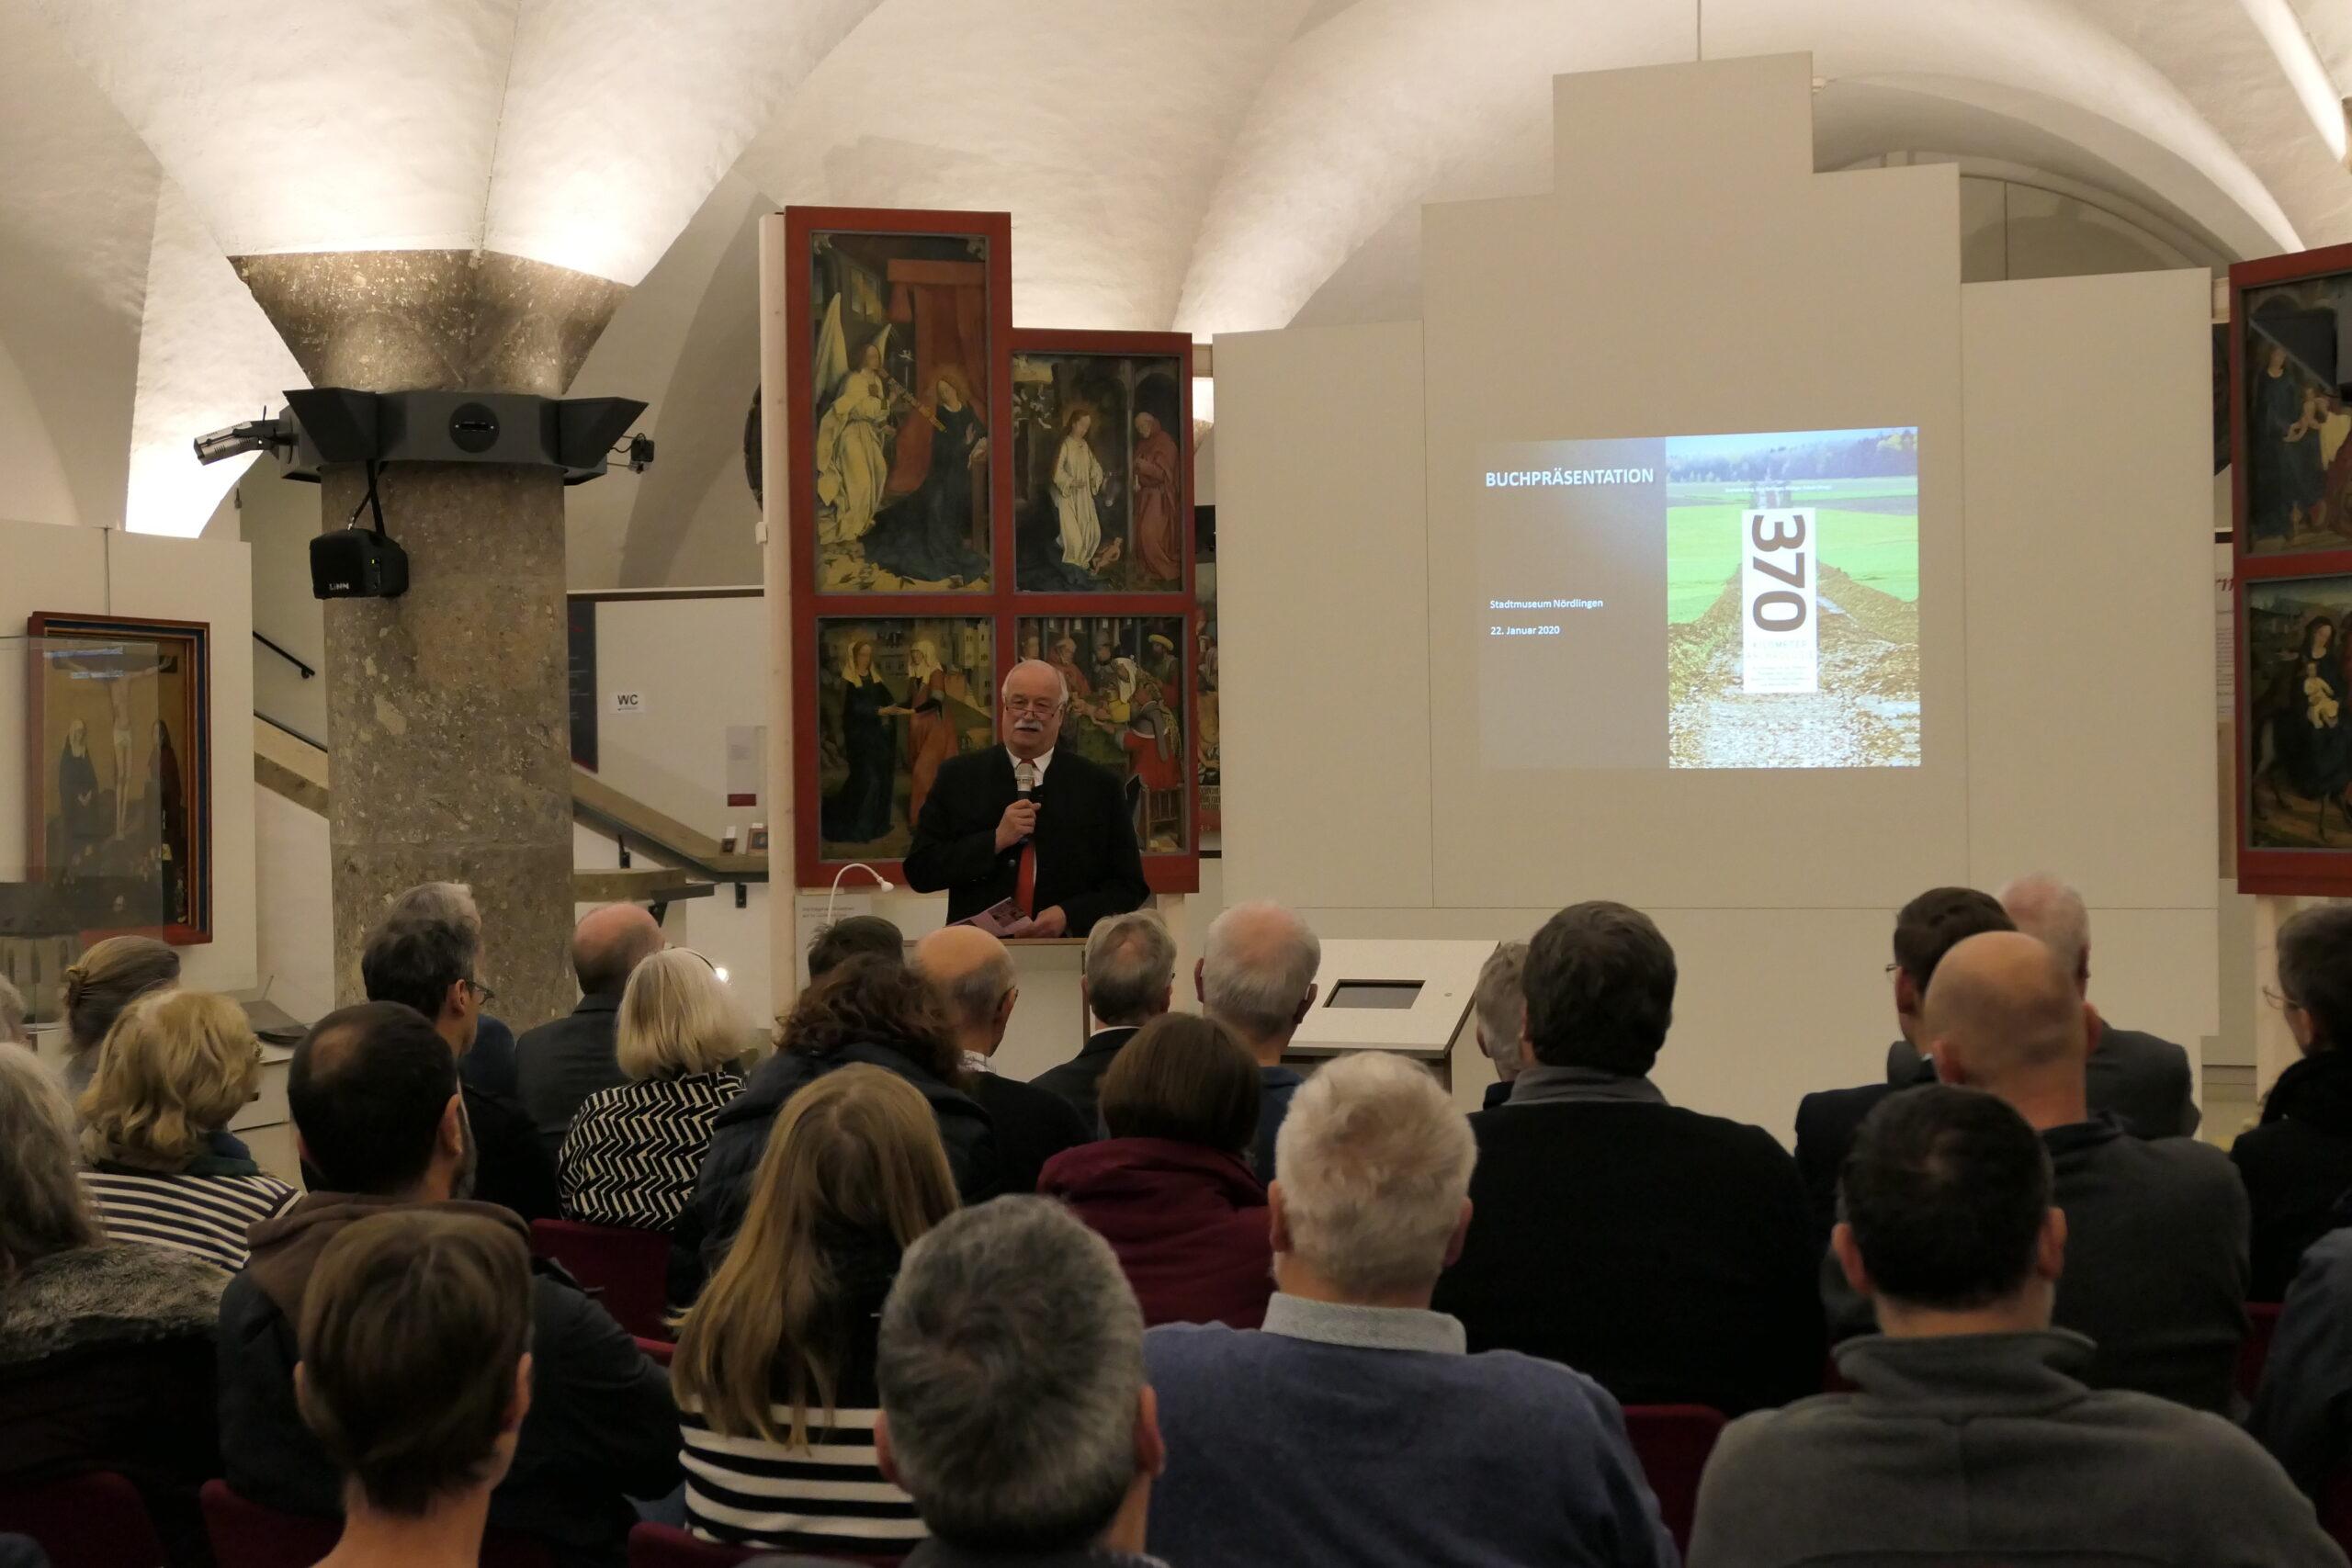 Aufmerksames Auditorium am 22. Januar 2020 in Nördlingen (Bild 1)